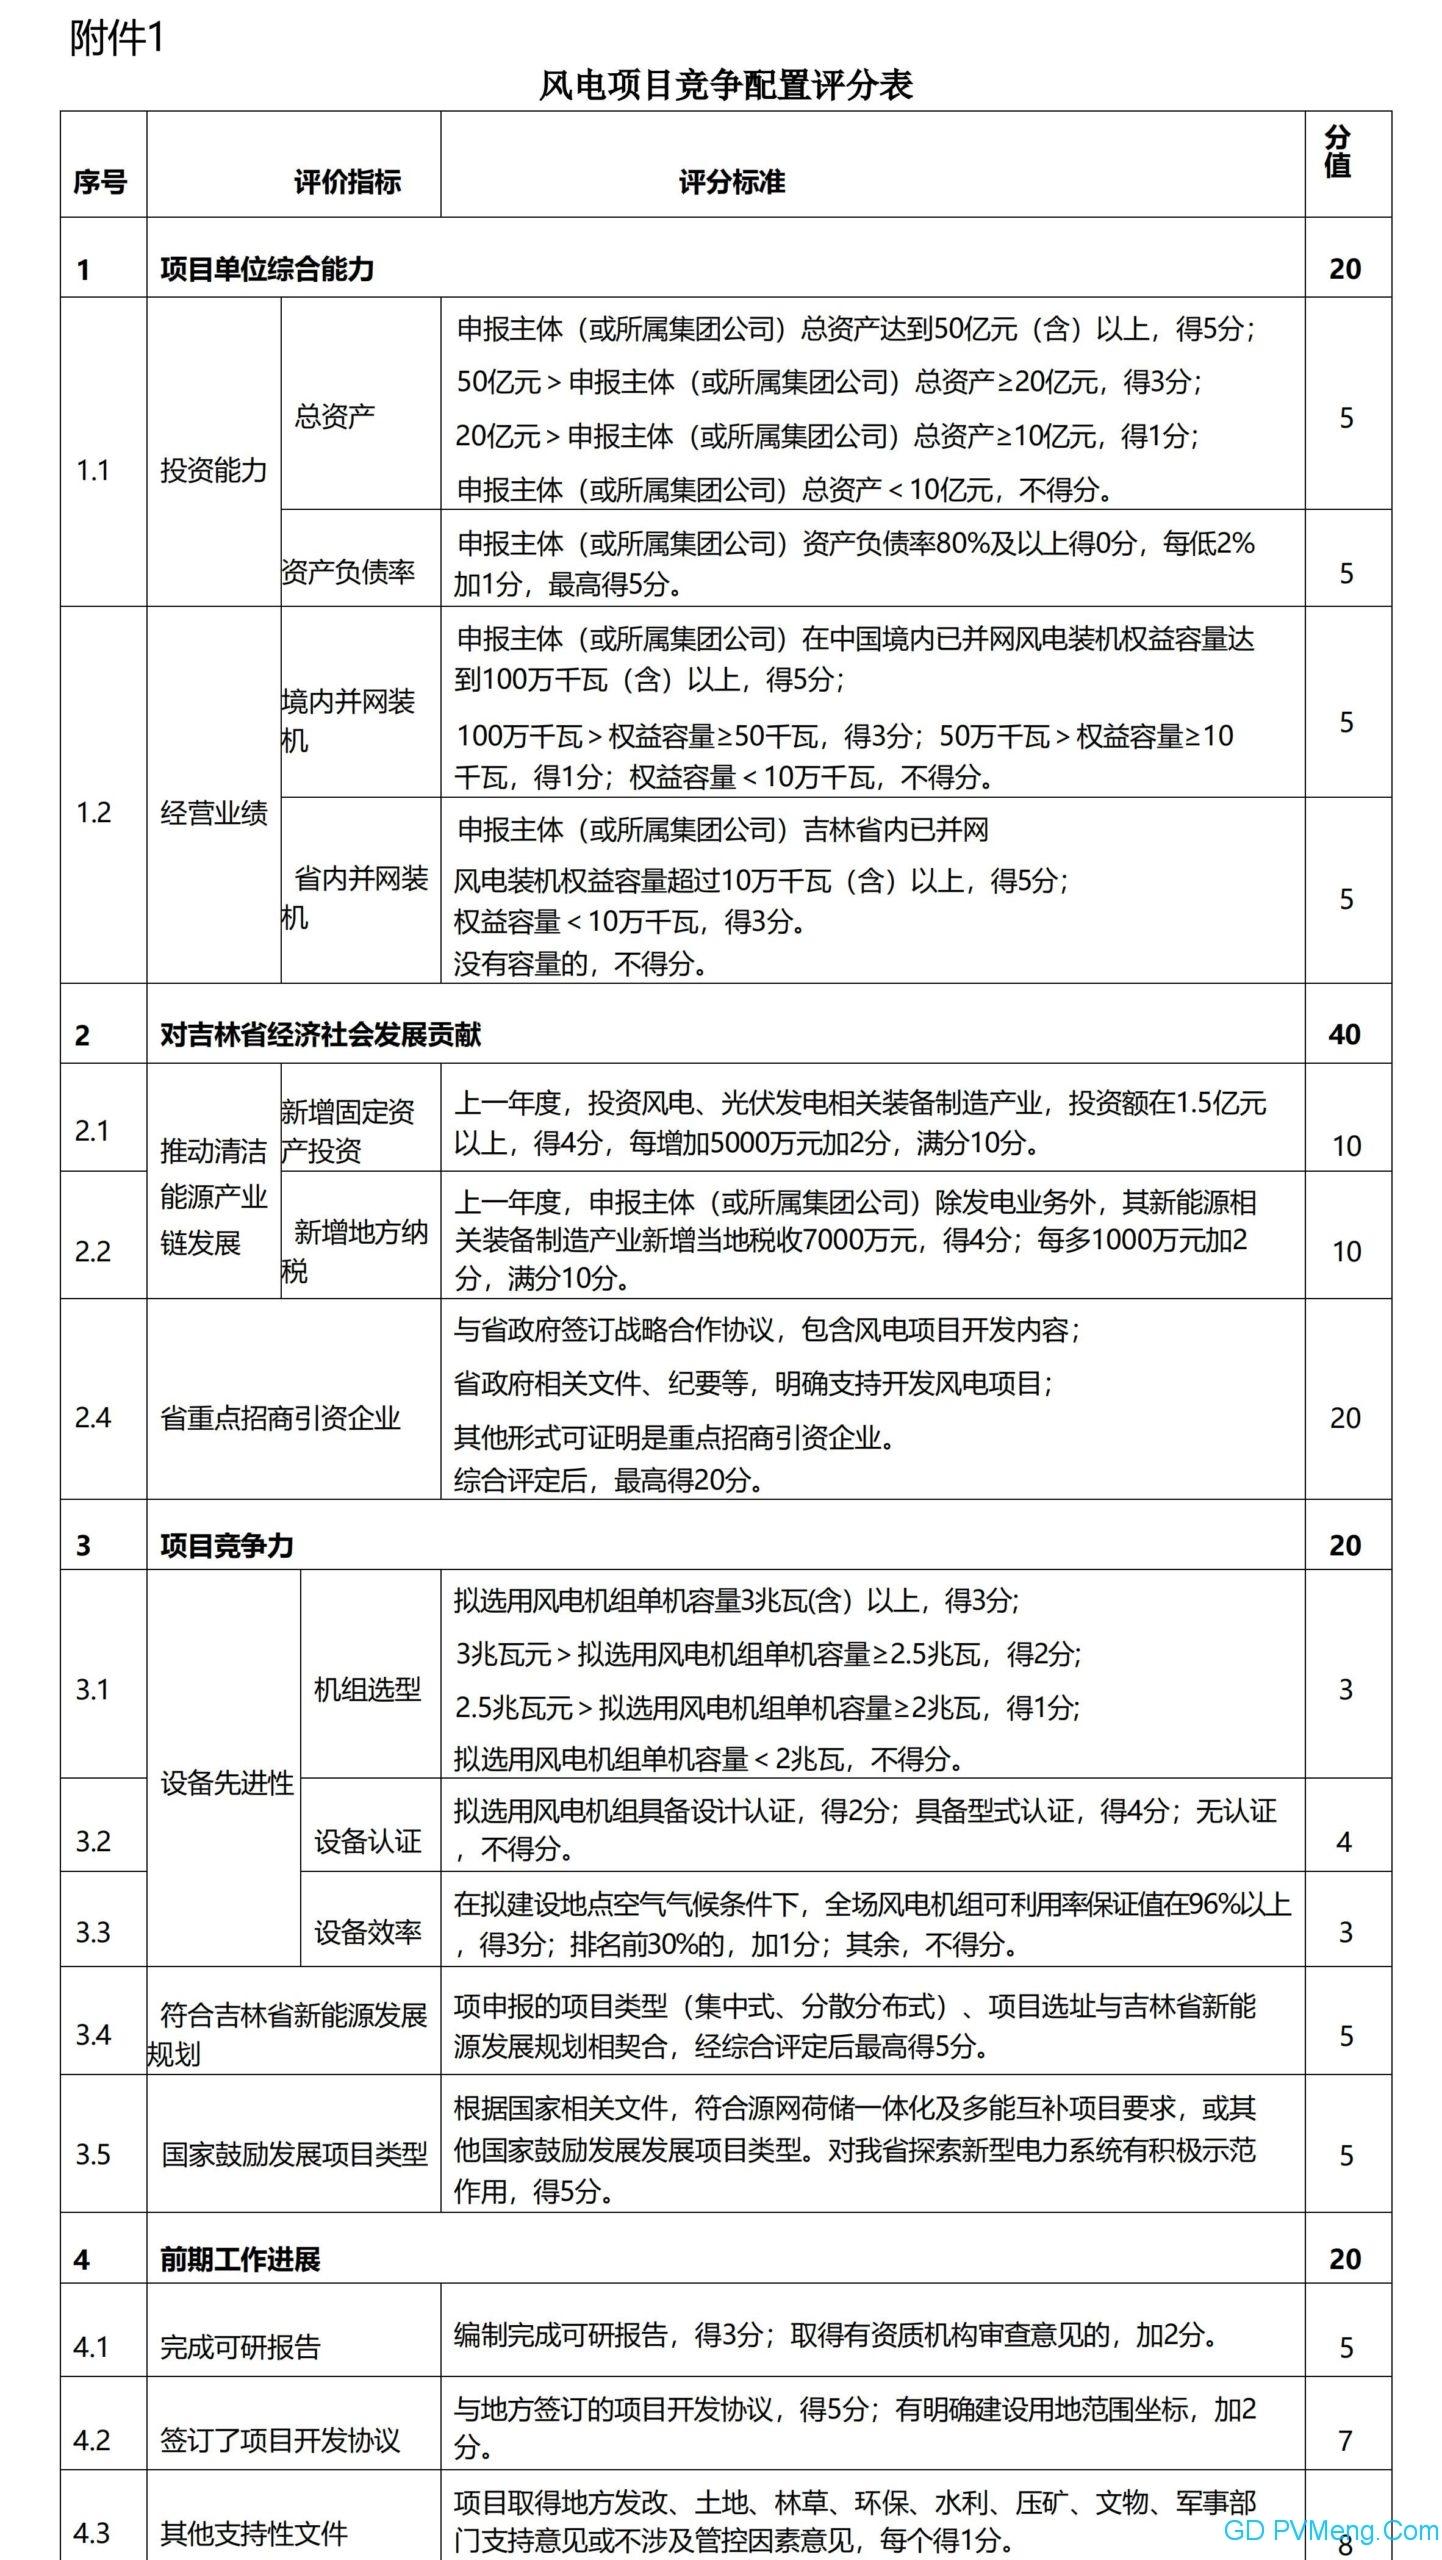 吉林省风电、光伏发电项目分配实施细则2021